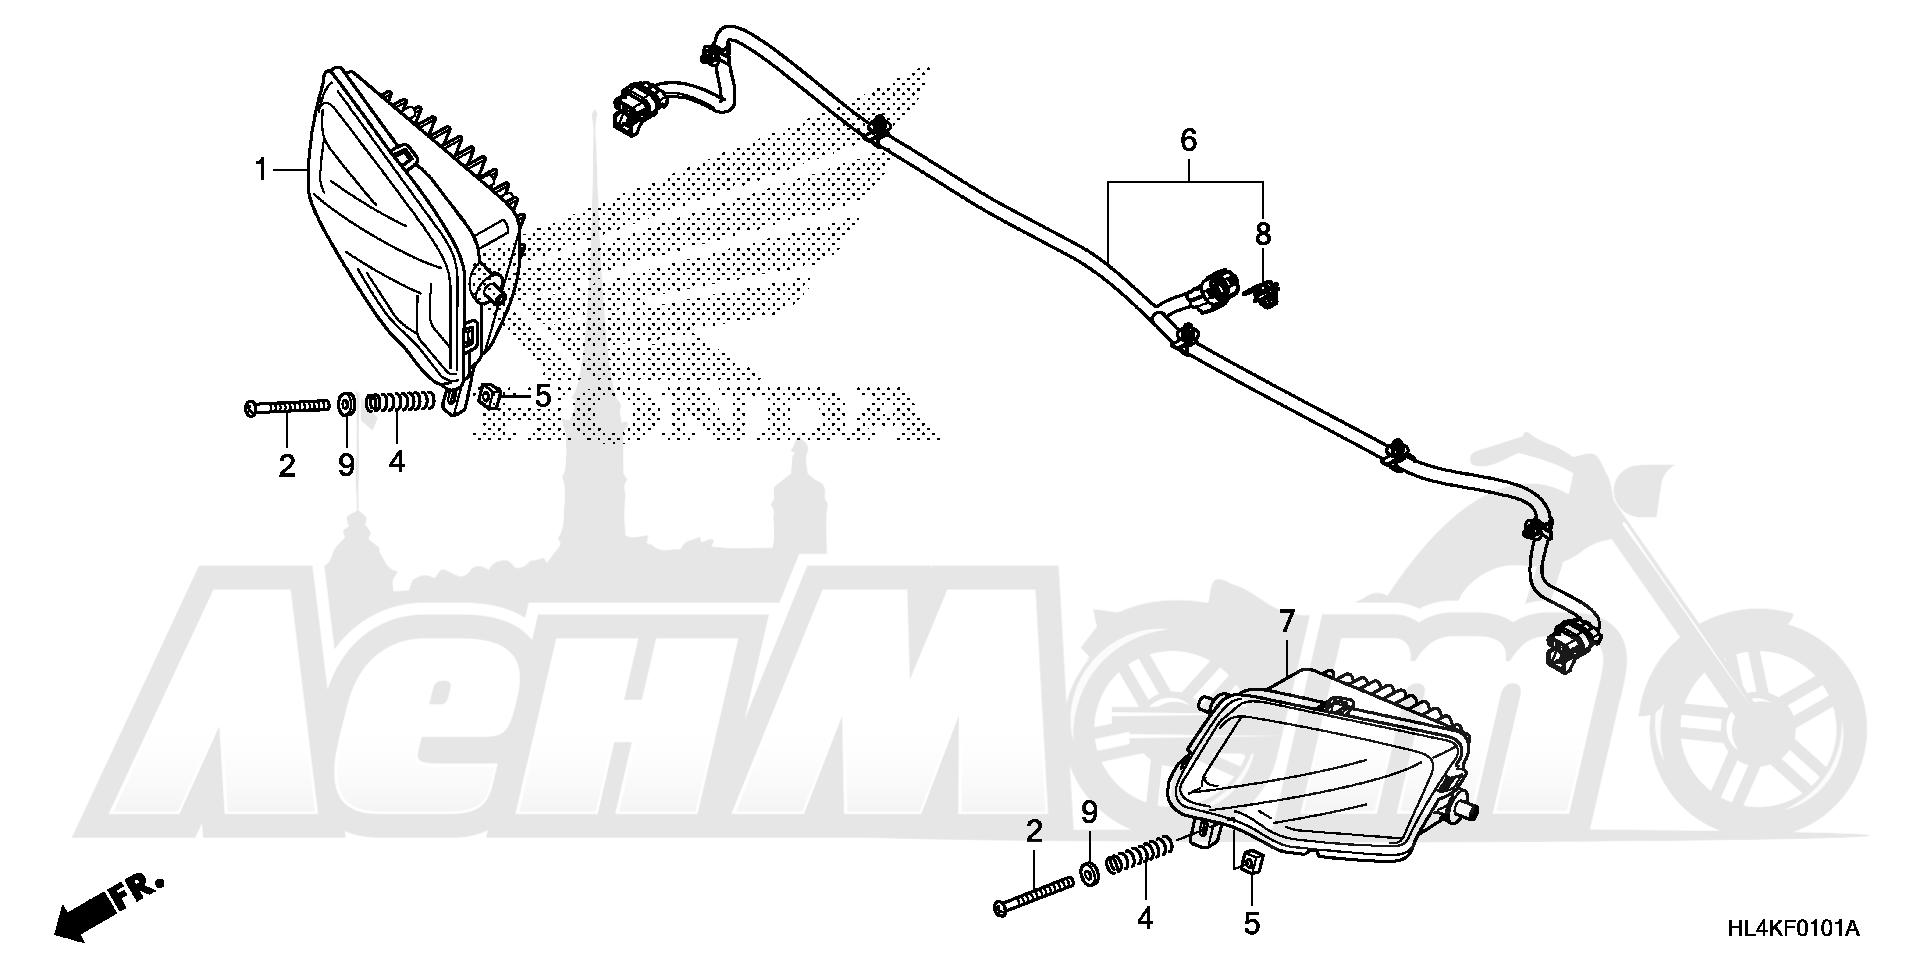 Запчасти для Квадроцикла Honda 2019 SXS1000M3P Раздел: HEADLIGHT (2) | передняя фара (2)